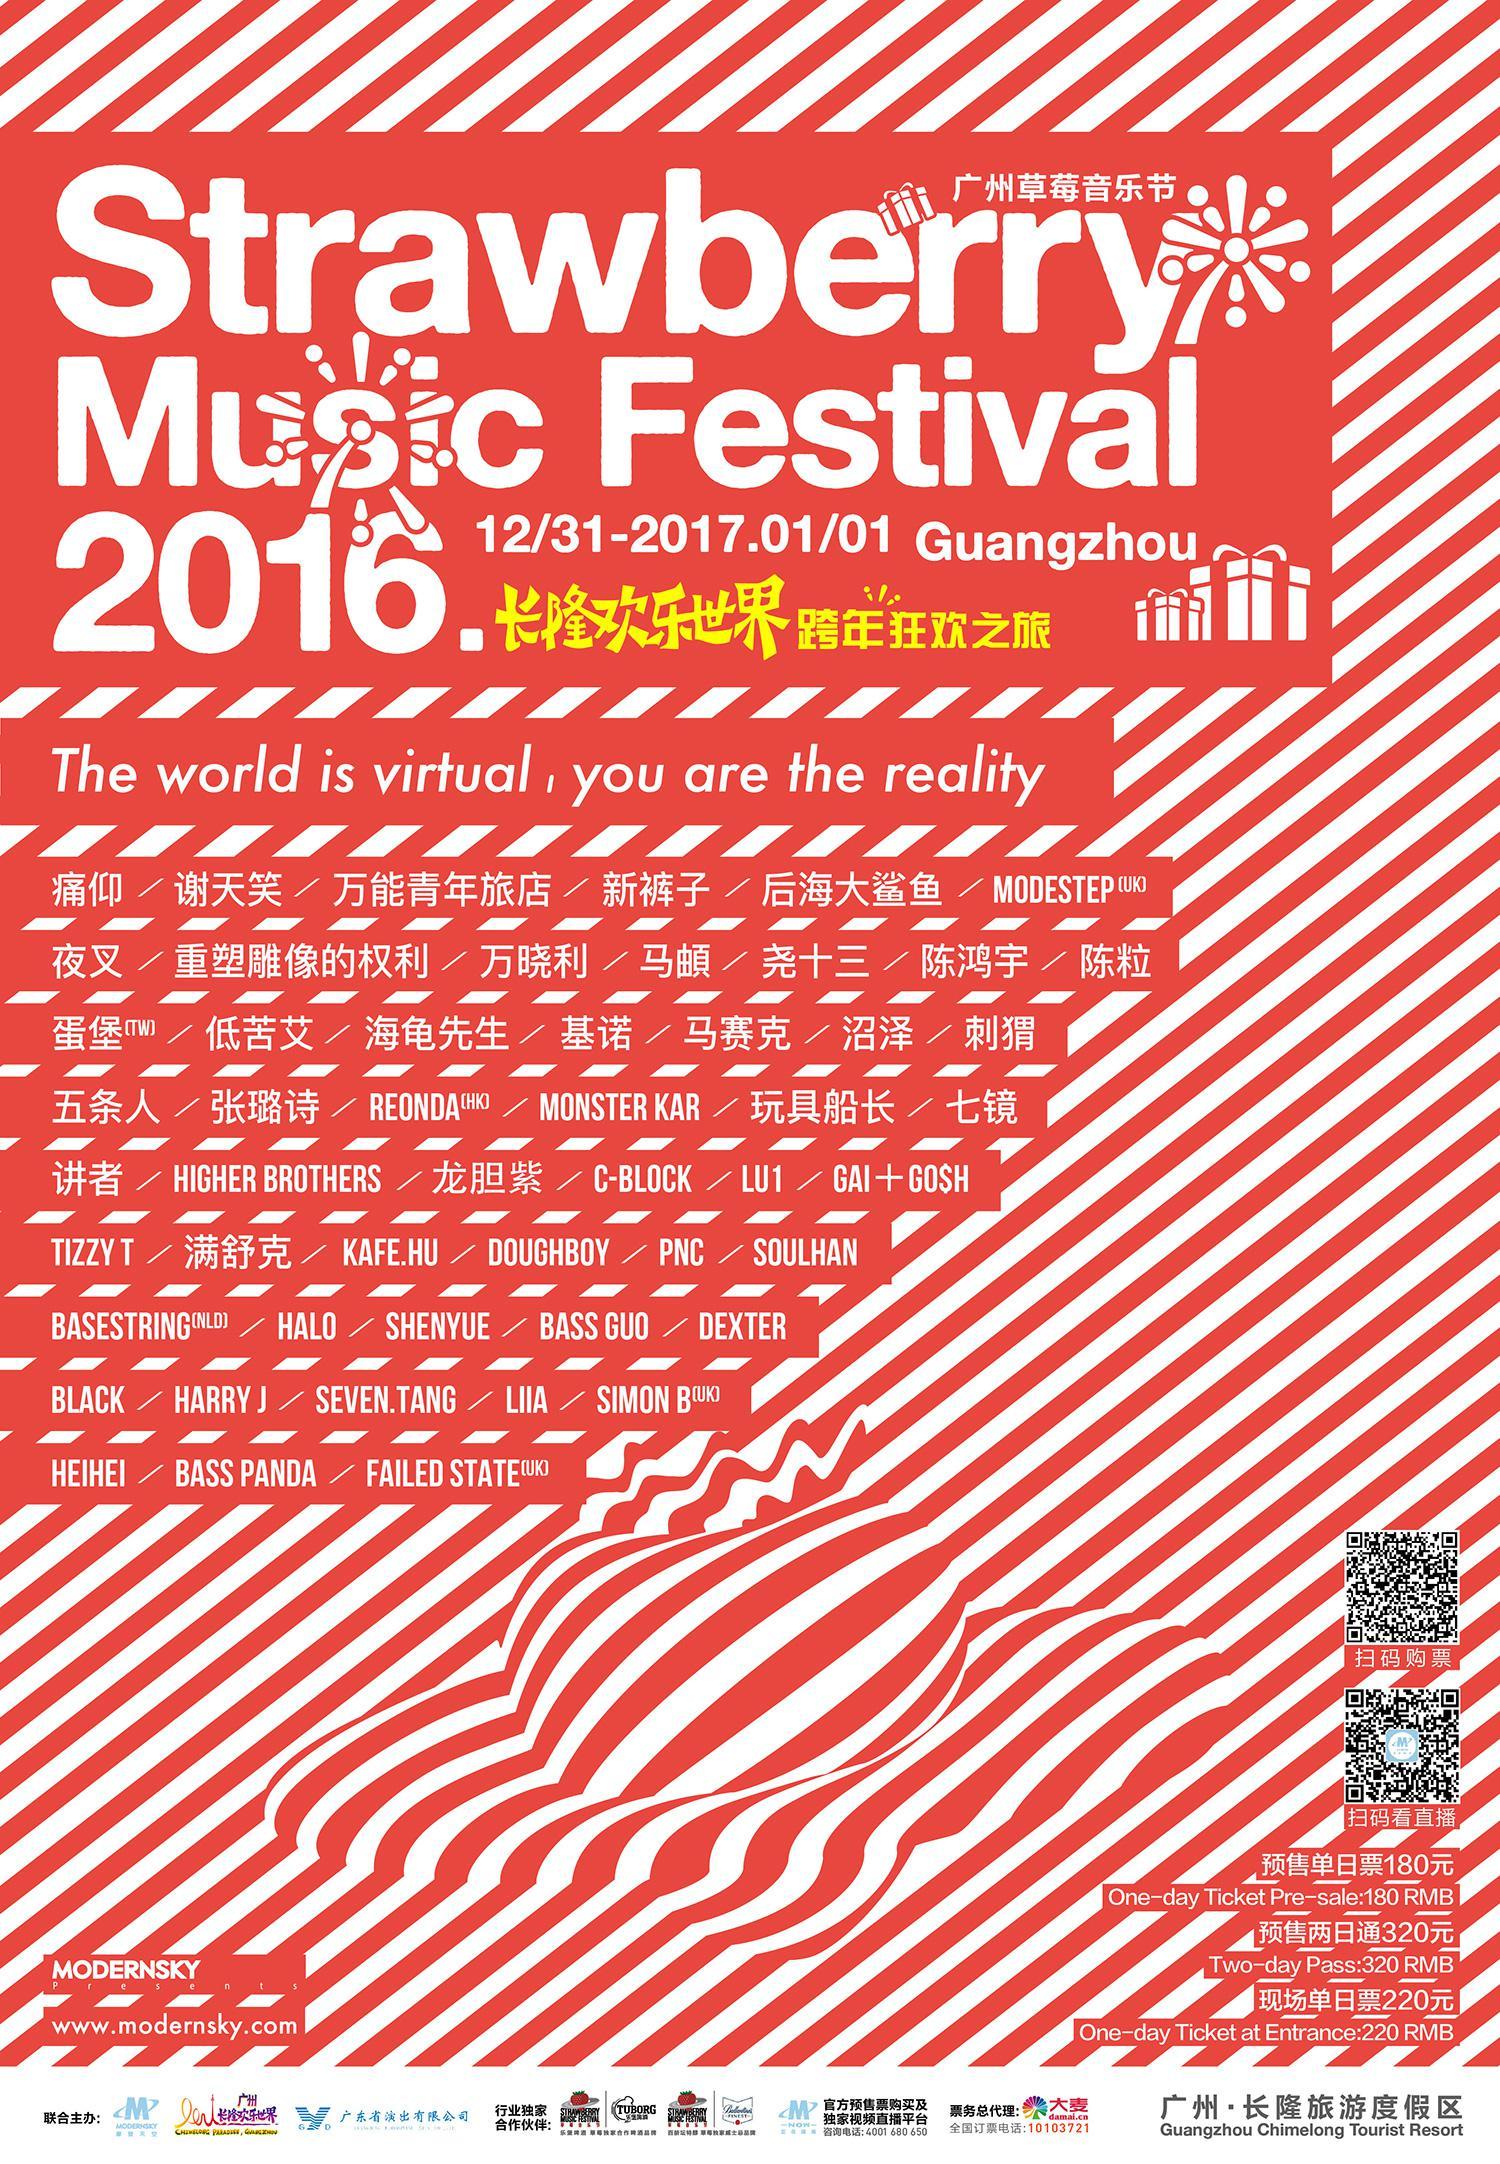 2016年广州草莓音乐节海报